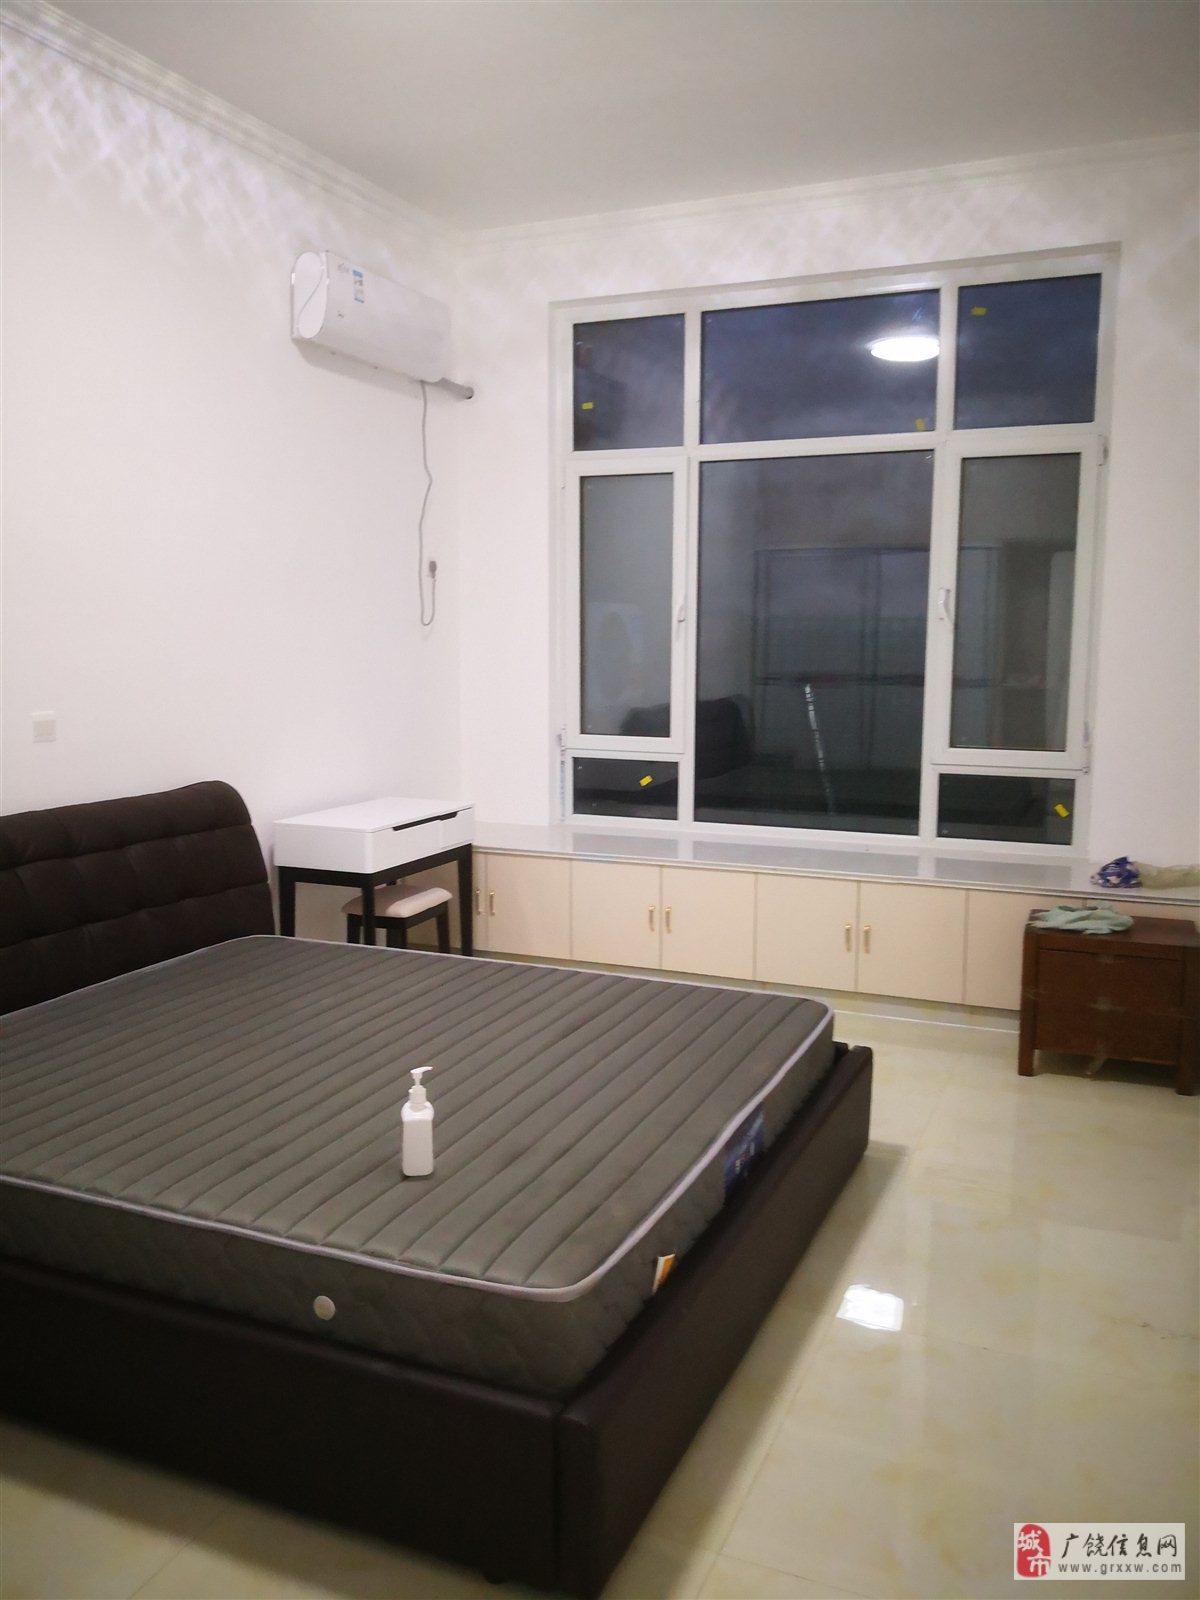 同和小区一期3室 2厅 1卫52万元